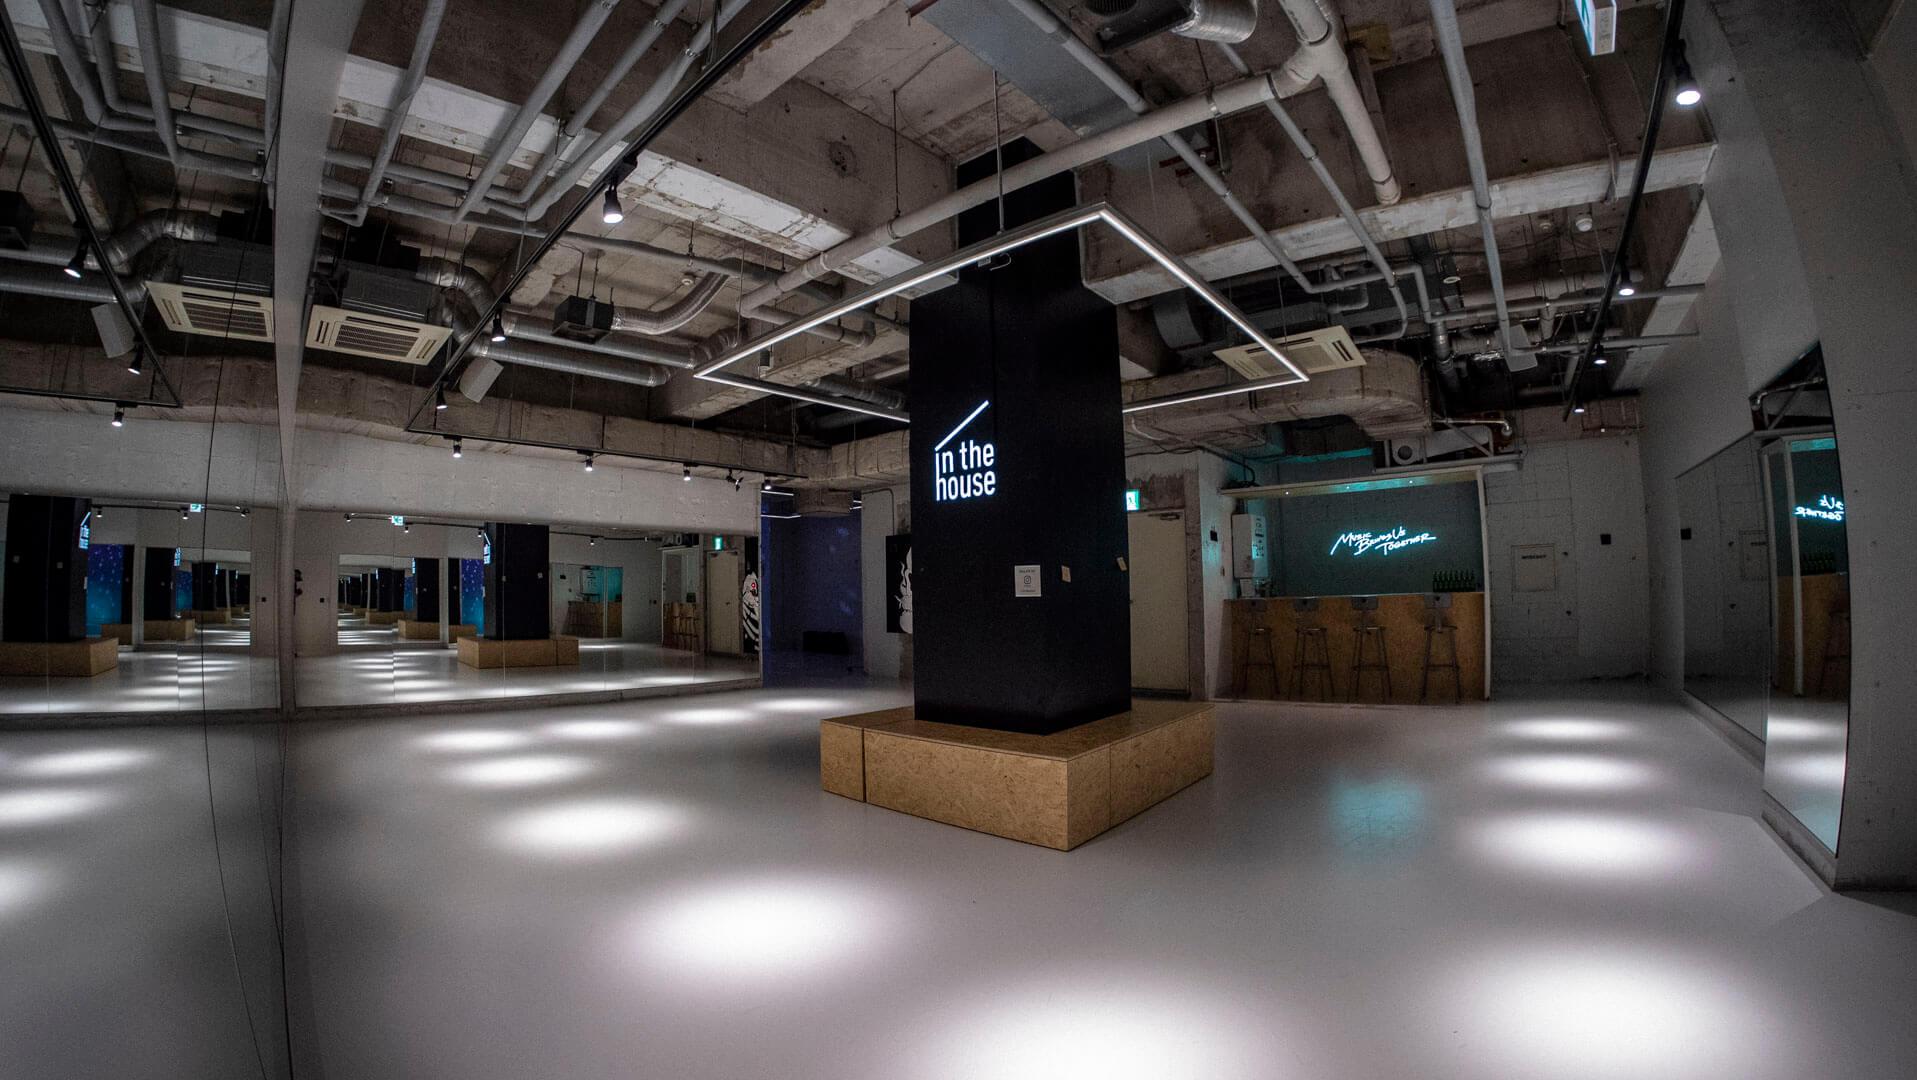 最大130平米を超える広大なスペースを思うままご利用いただけます! - StreetDancePark 【8】深夜PARK 20時~の室内の写真